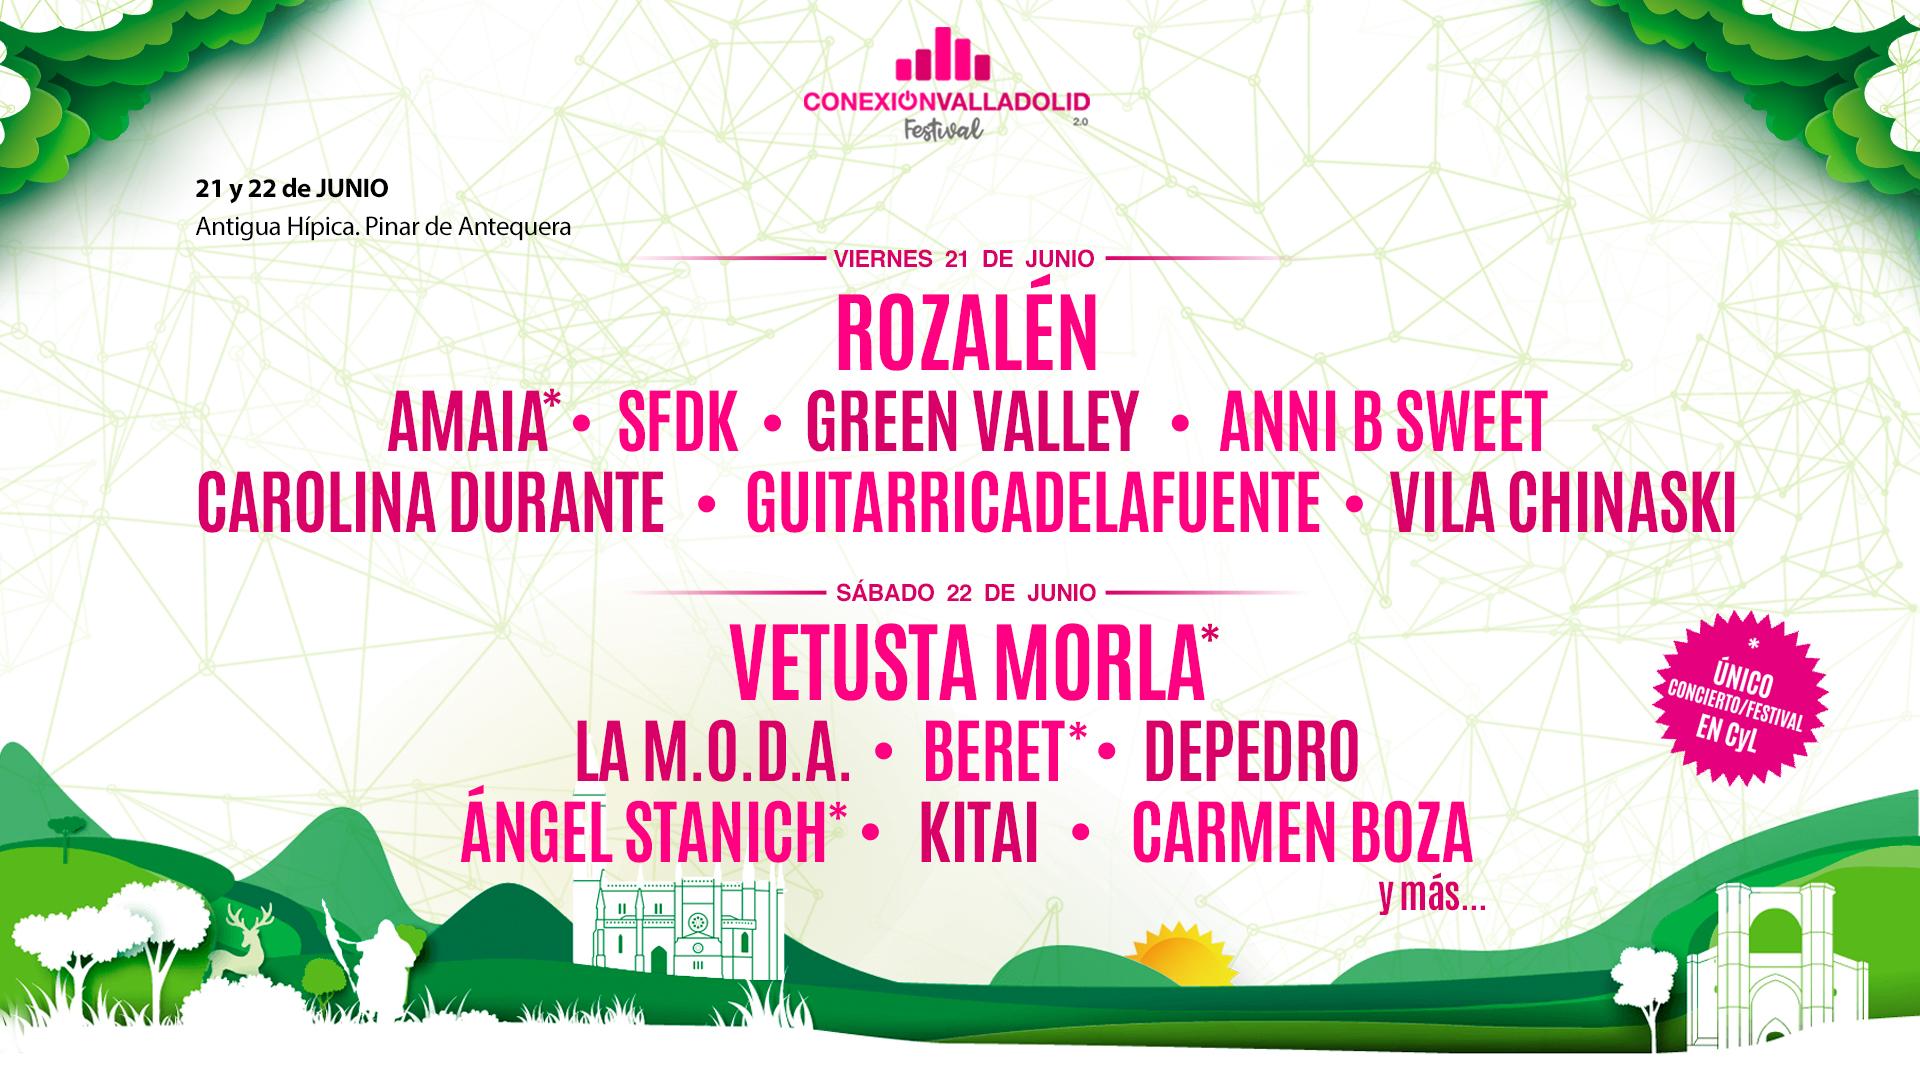 Conexión Valladolid Festival 2019